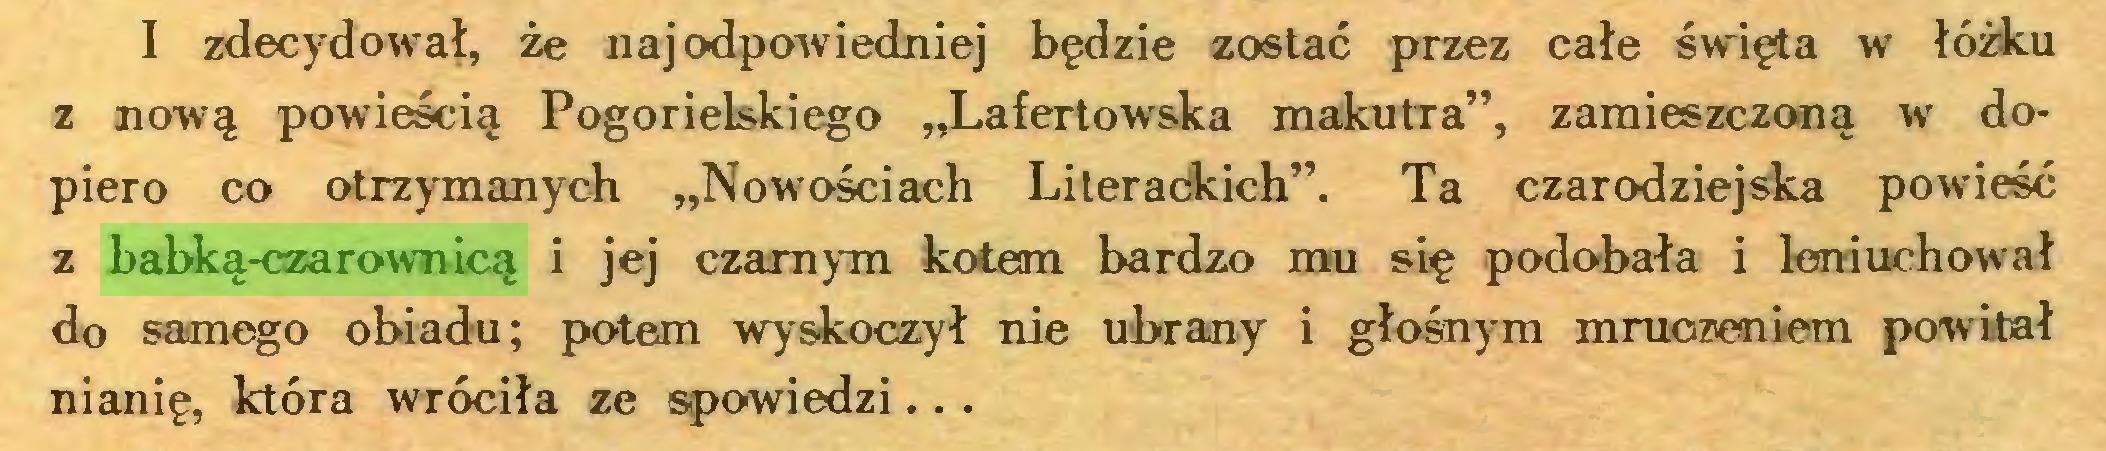 """(...) I zdecydował, że naj odpowiedniej będzie zostać przez całe święta w łóżku z nową powieścią Pogorielskiego """"Lafertow'ska makutra"""", zamieszczoną w dopiero co otrzymanych """"Nowościach Lileraćkich"""". Ta czarodziejska powieść z babką-czarownicą i jej czarnym kotem bardzo mu się podobała i leniuchował do samego obiadu; potem wyskoczył nie ubrany i głośnym mruczeniem powitał nianię, która wróciła ze spowiedzi..."""